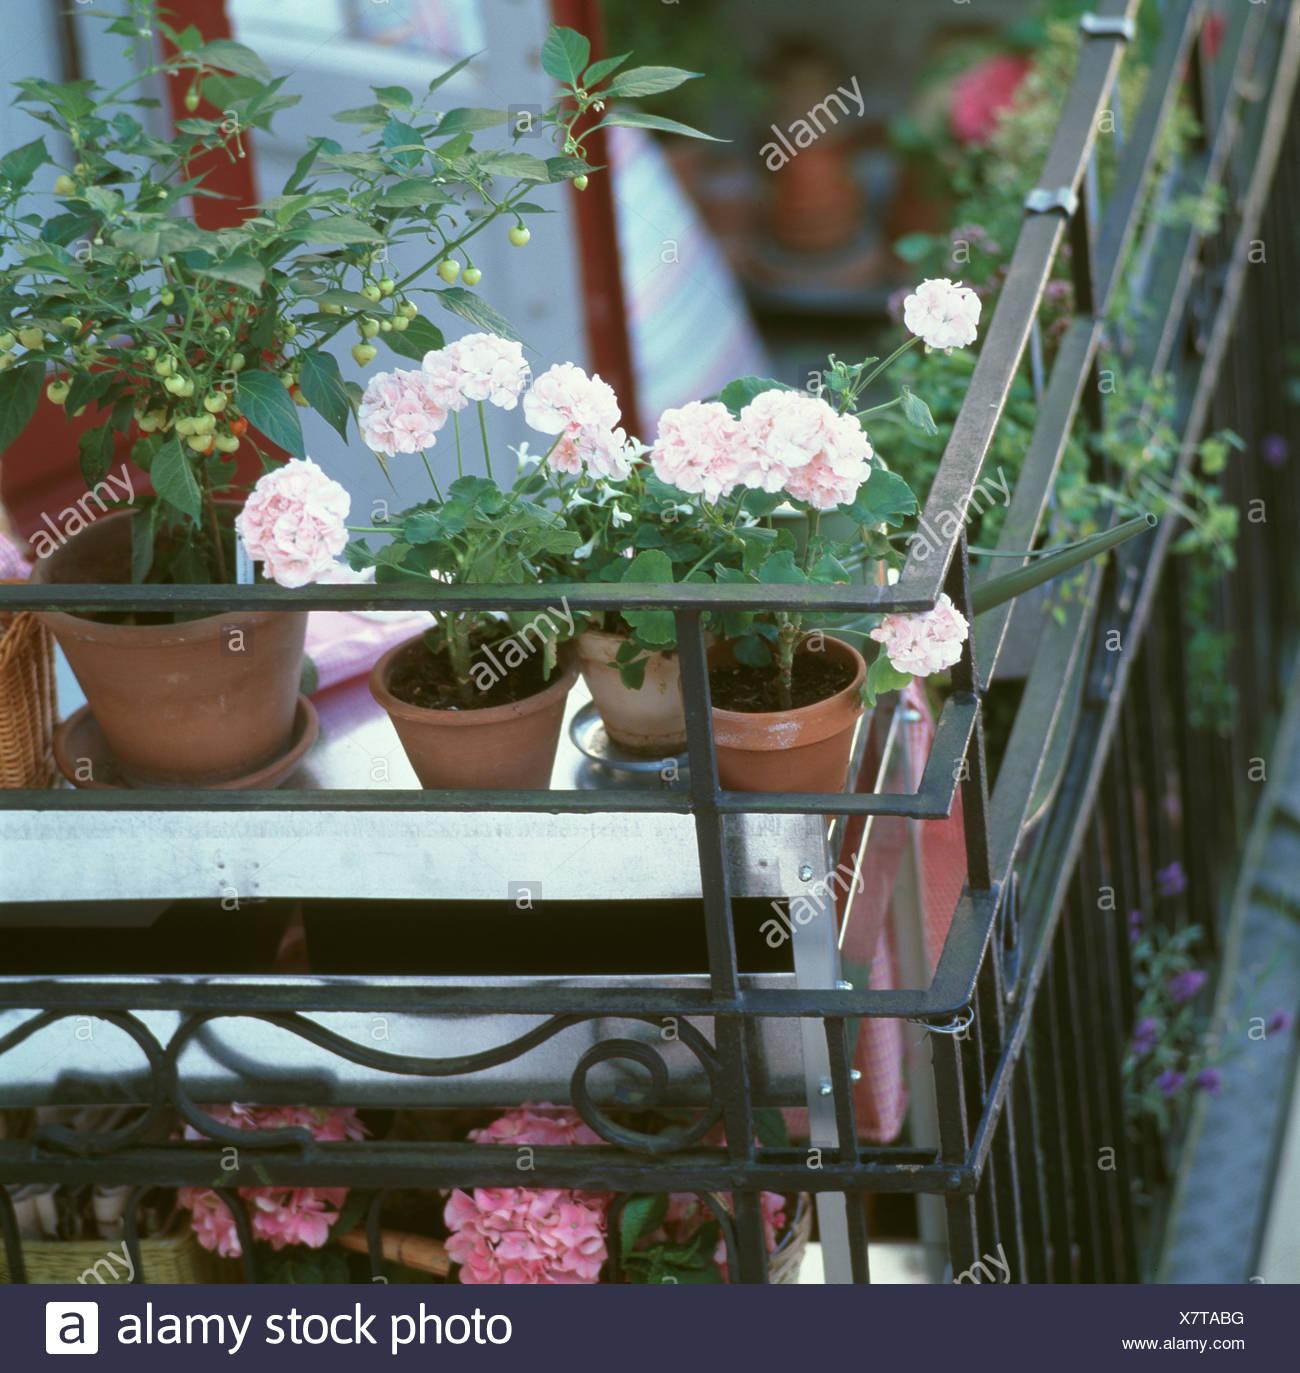 Lassen Sie Der Balkon Ein Krautergarten Werden Offnen Sie Die